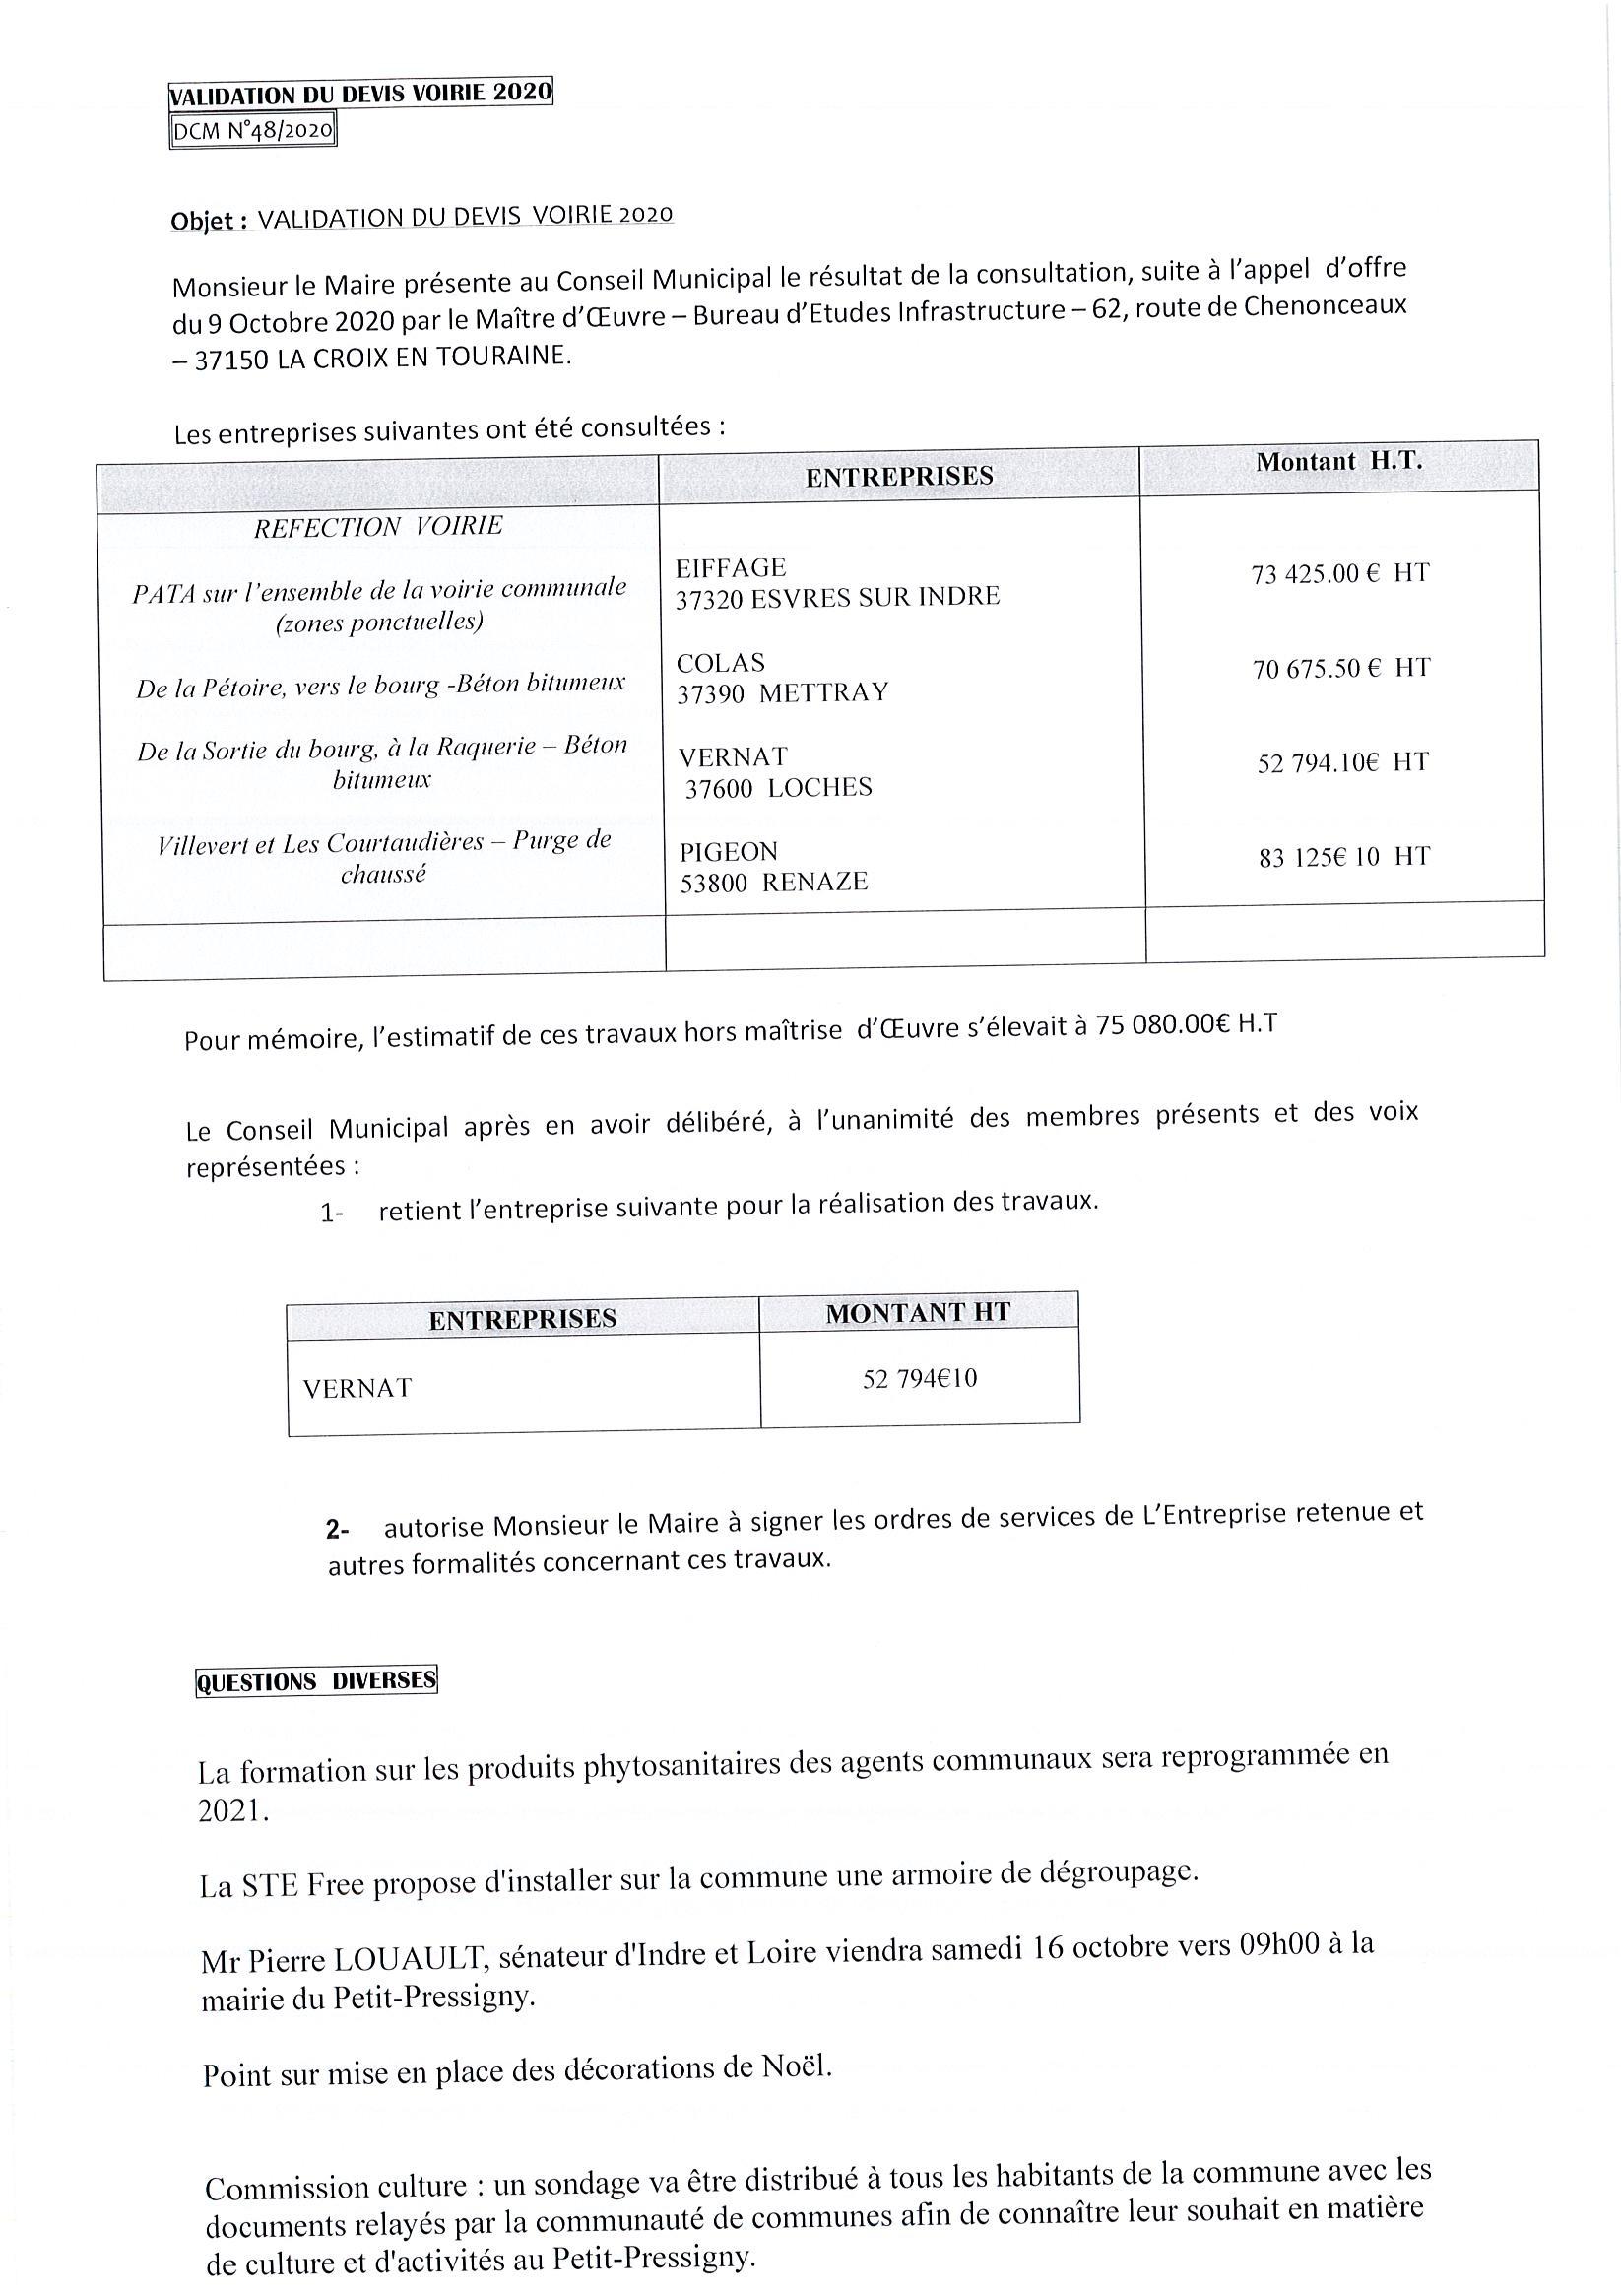 accueil/doc101120-10112020121830-0041.jpg